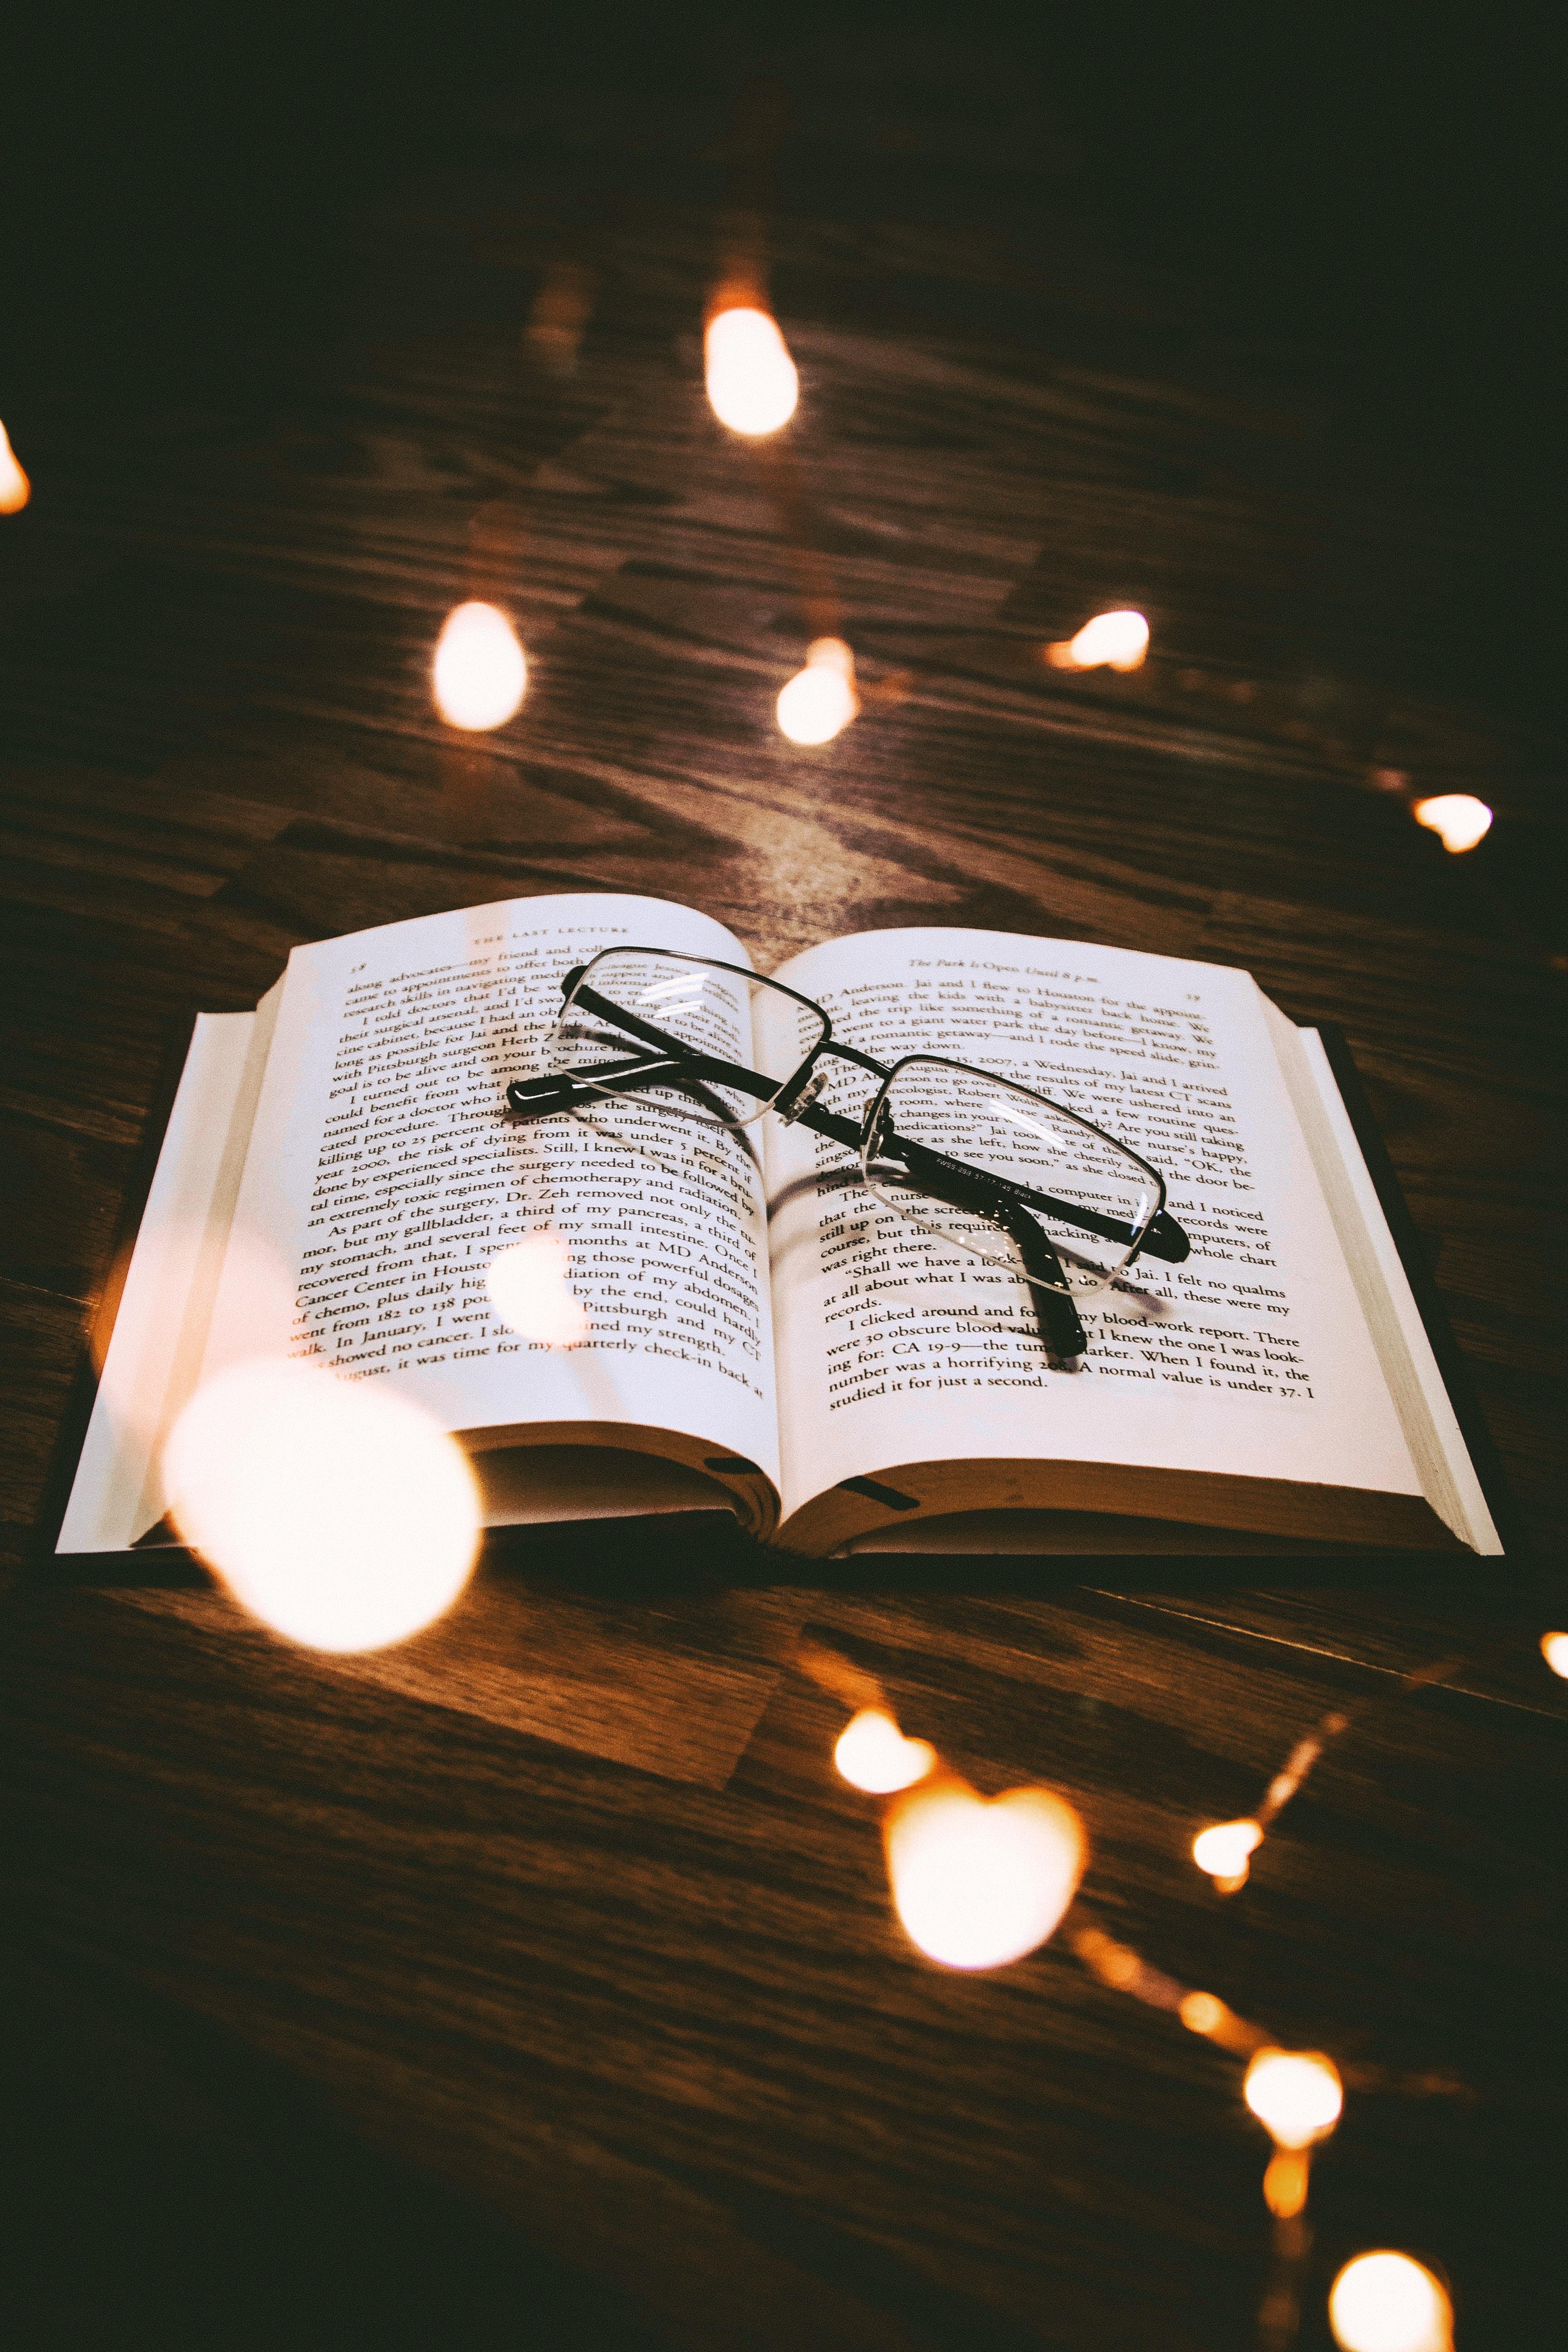 51809 скачать обои Разное, Книга, Очки, Чтение, Блики - заставки и картинки бесплатно